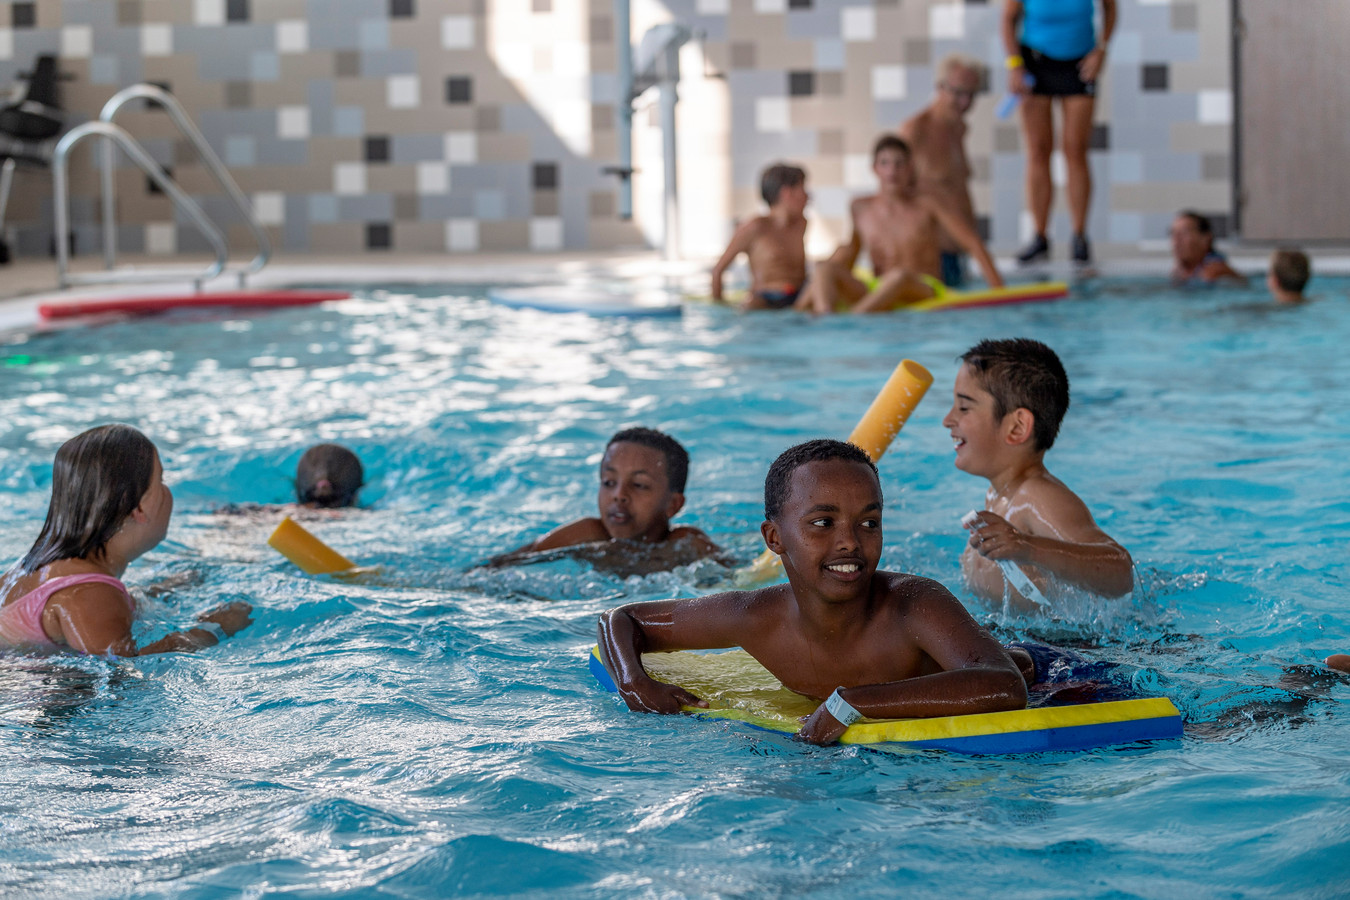 Zwemmen bij De Schelp in Bergen op Zoom zit er voorlopig nog altijd niet in. De gemeente krijgt pas op 20 november advies op basis van laboratoriumonderzoeken en kan pas daarna naar vervolgstappen kijken en een proefzwemdag op touw zetten.